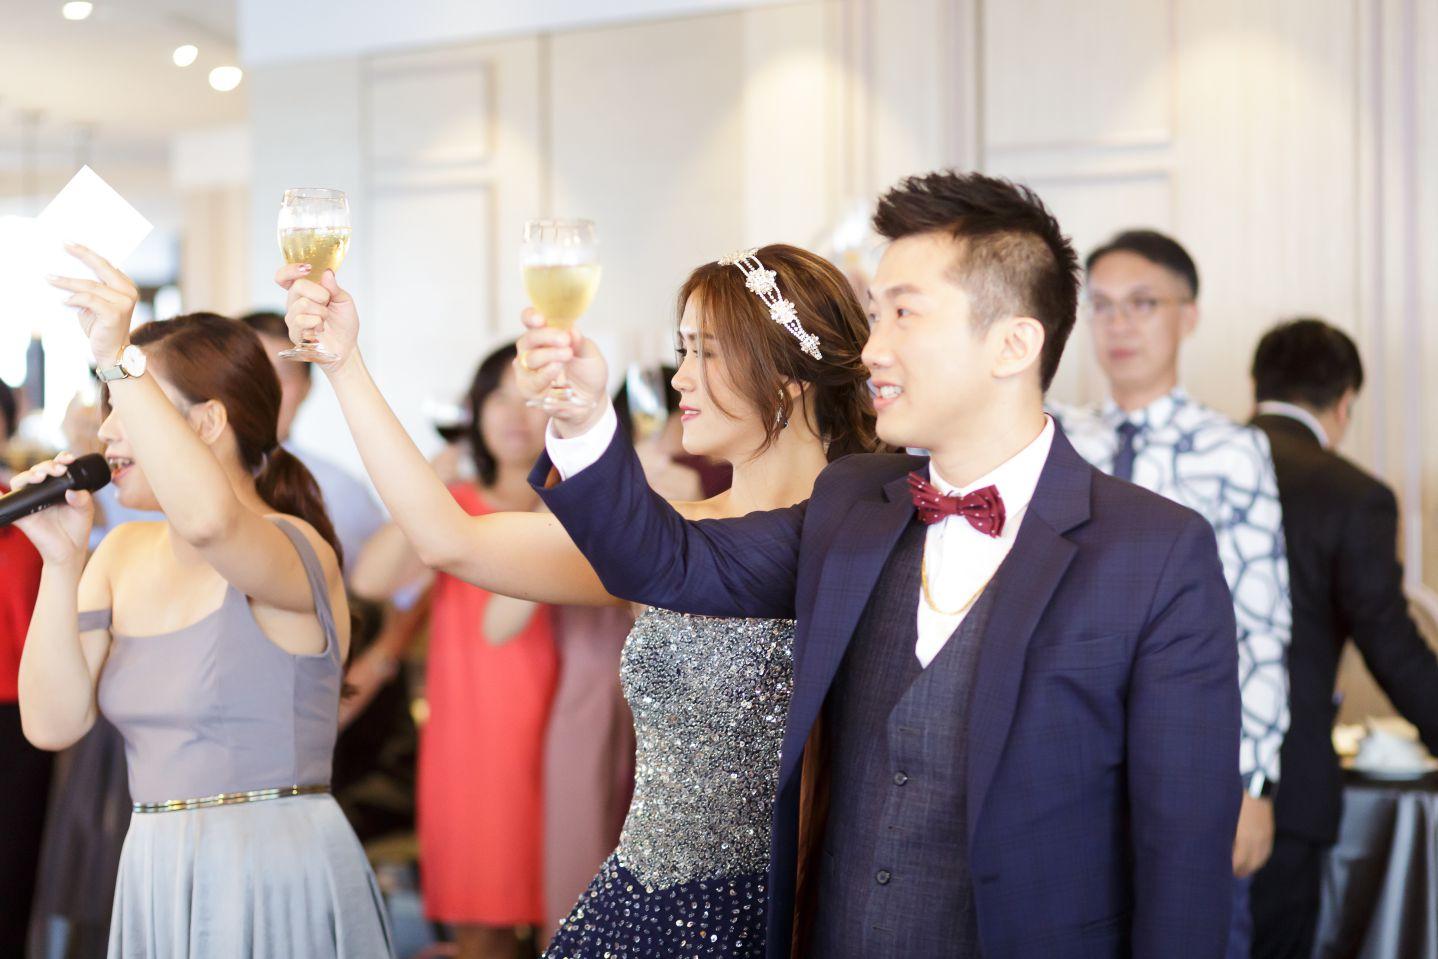 婚禮攝影-婚禮紀錄-Keith&Lia@村卻國際溫泉酒店-195